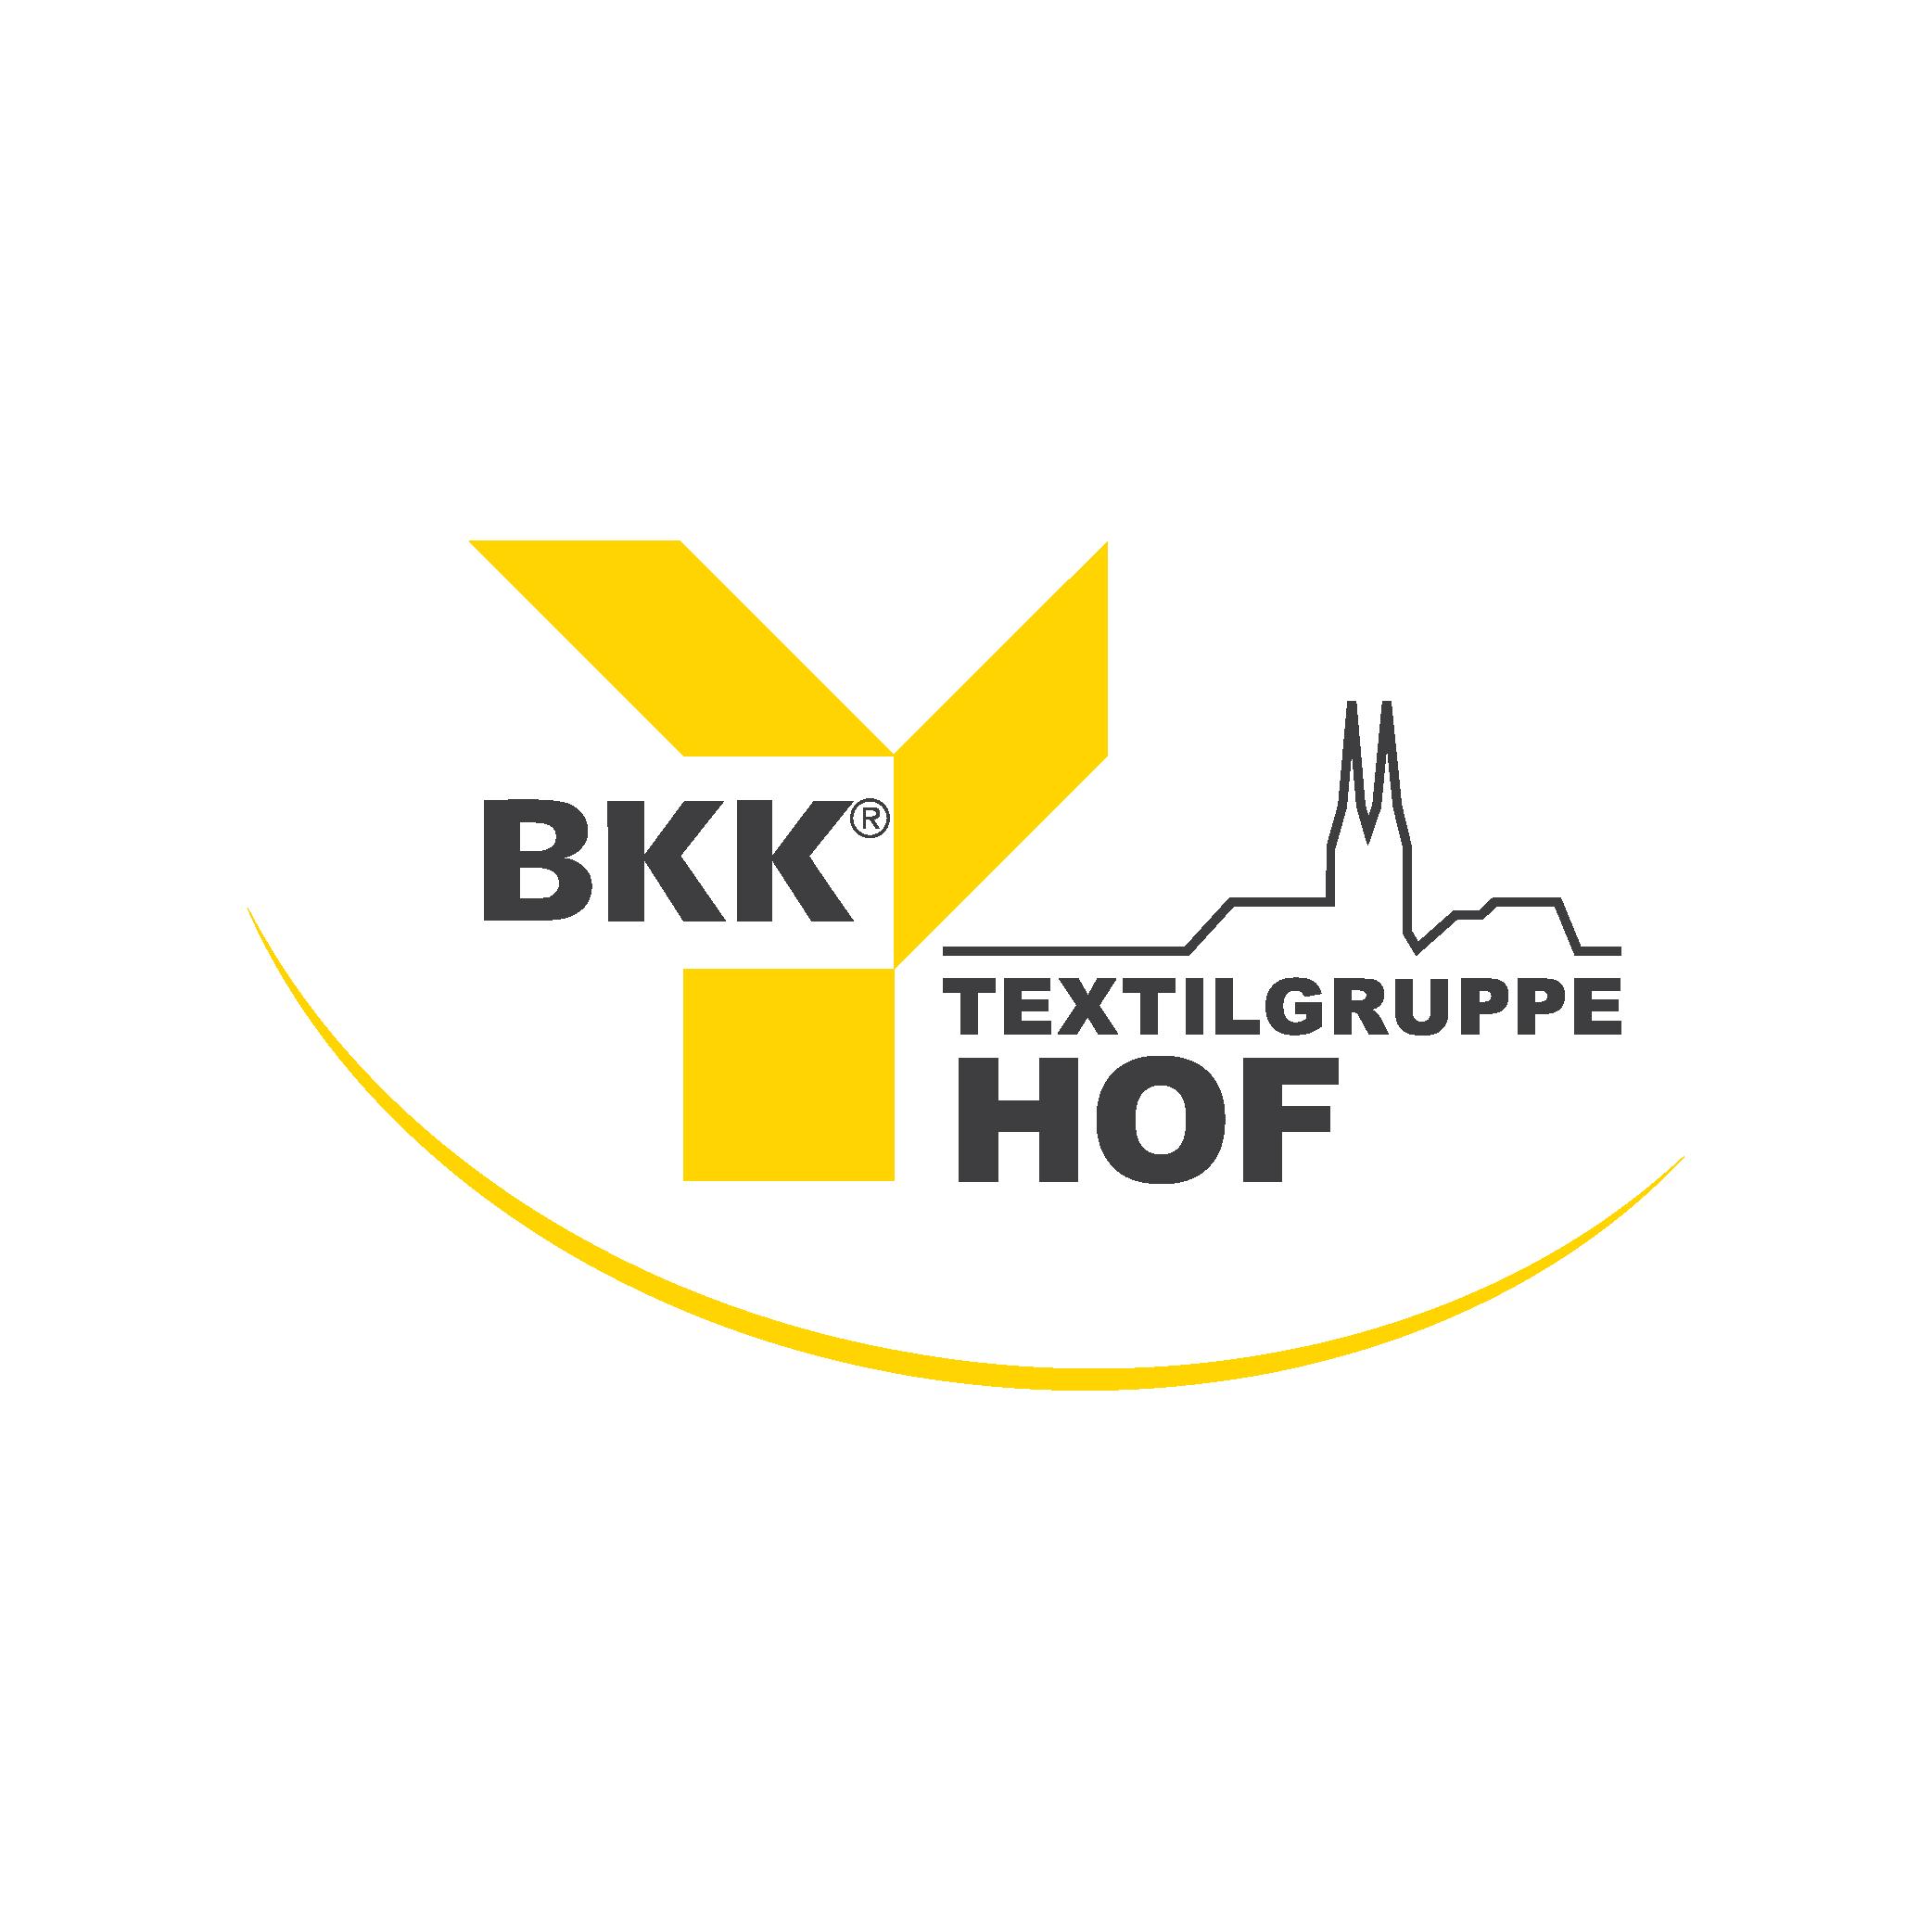 Markenzeichen der BKK Textilgruppe Hof